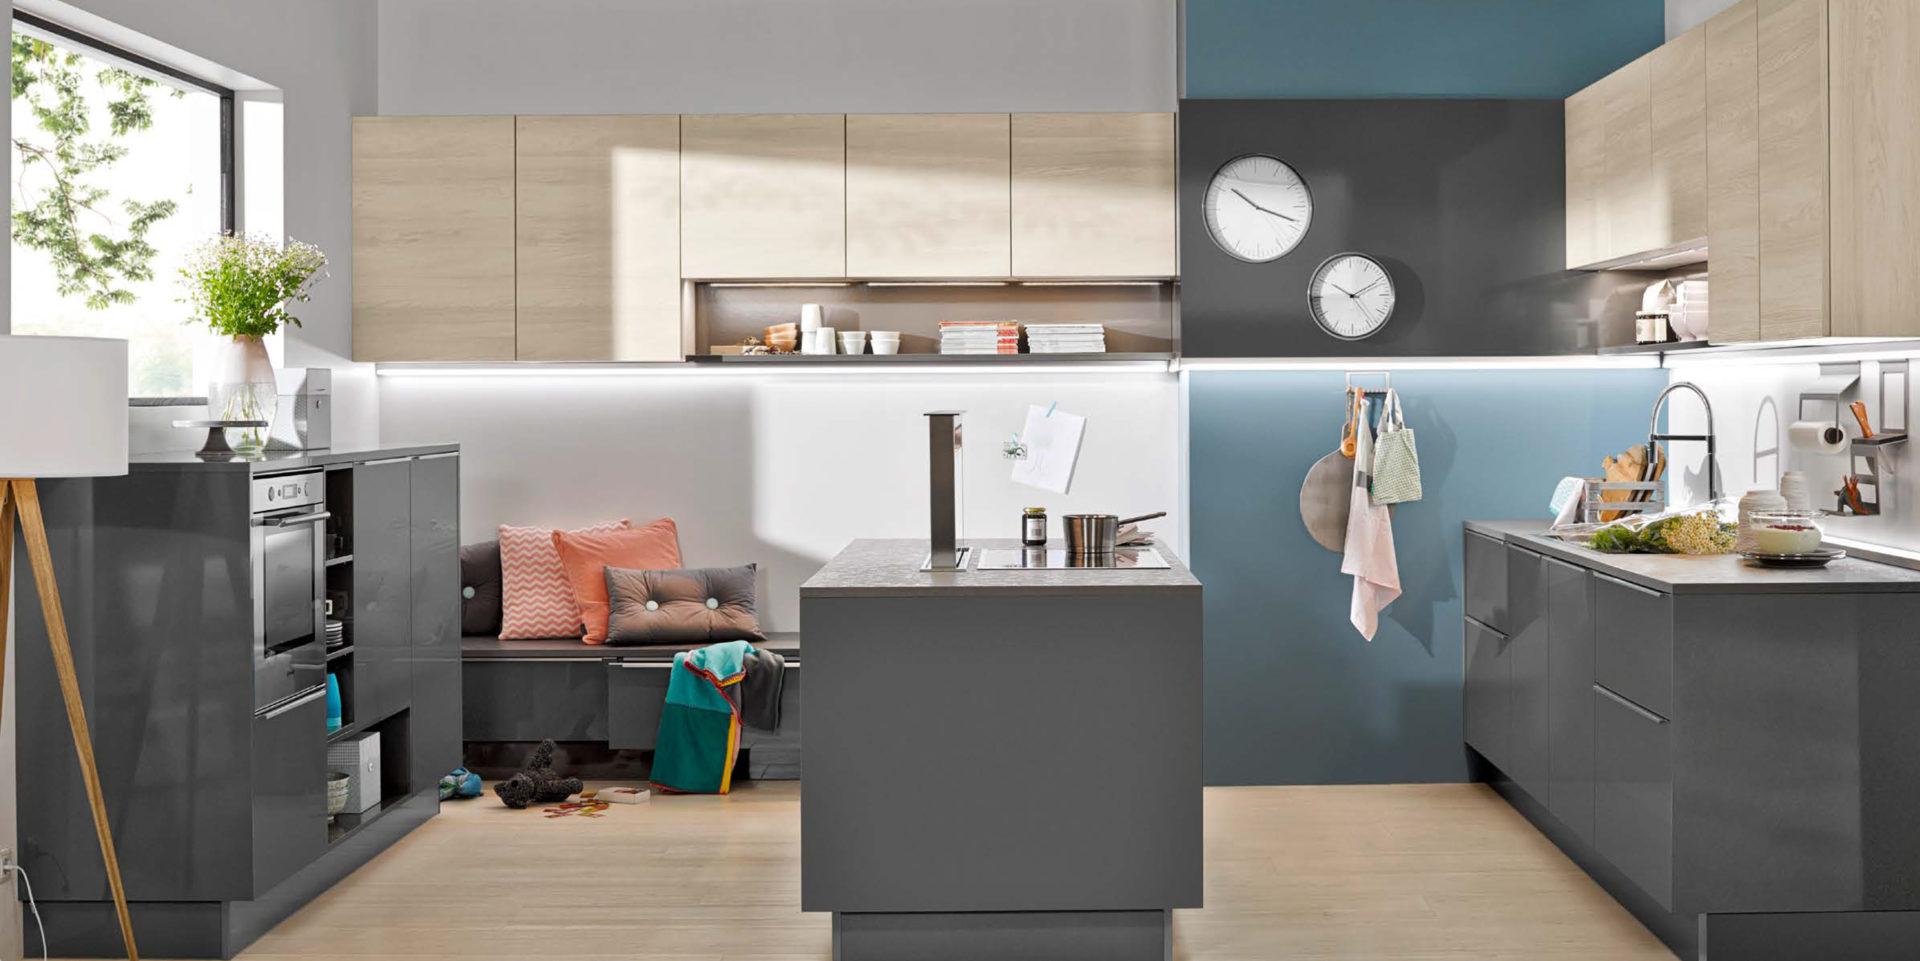 Lux manhattan nolte - Nolte home studio ...